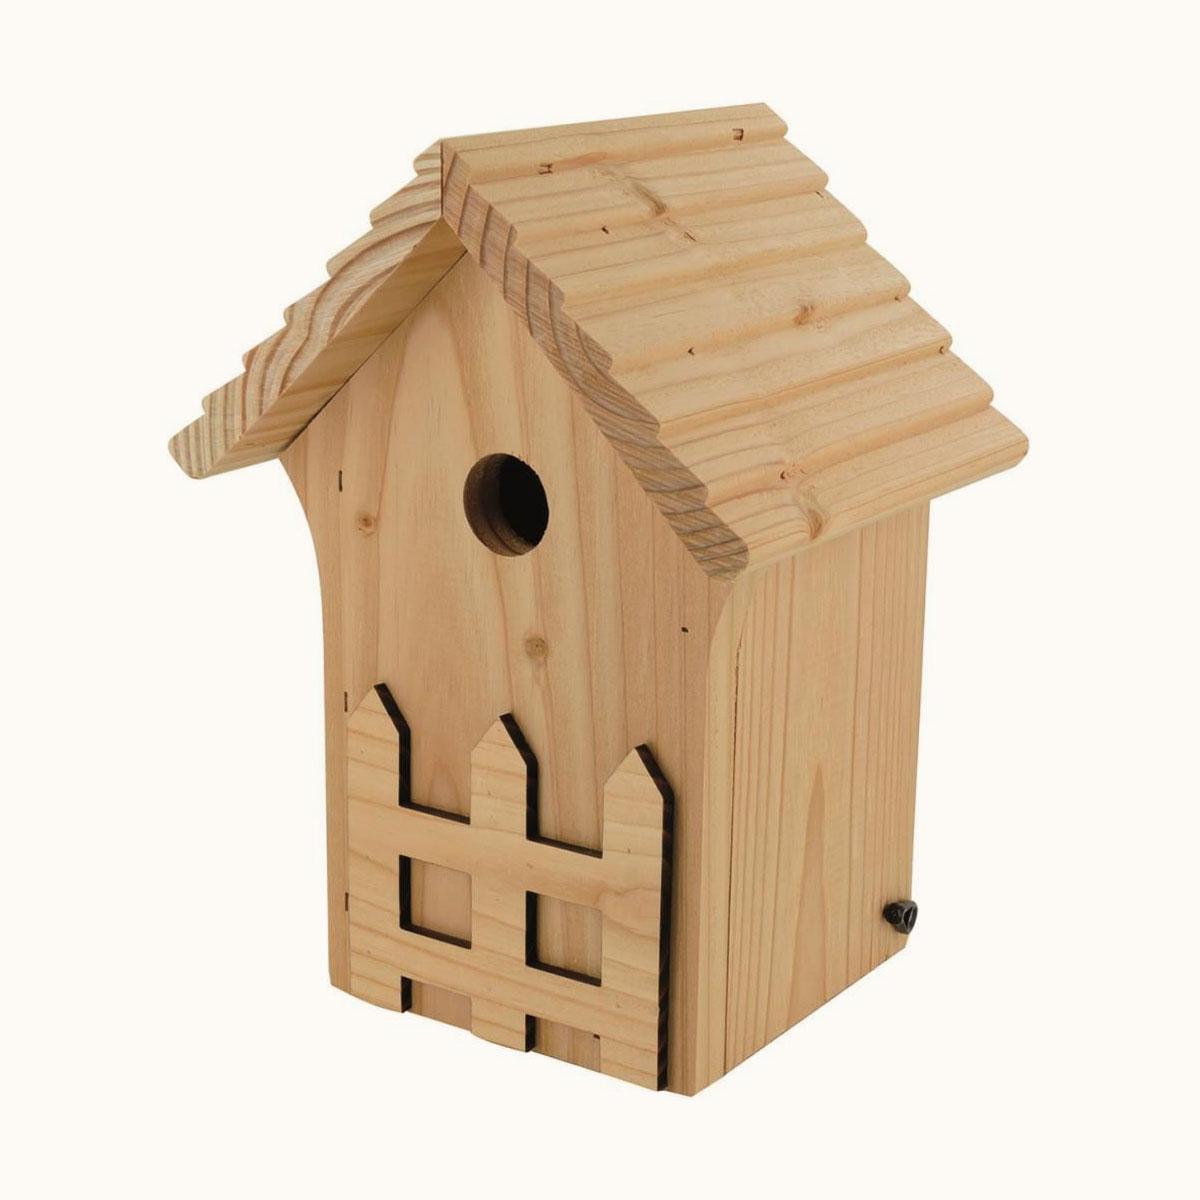 Nichoir En Bois La Creche Pour Oiseaux Diametre D Entree De 28 Mm Ornithomedia Com